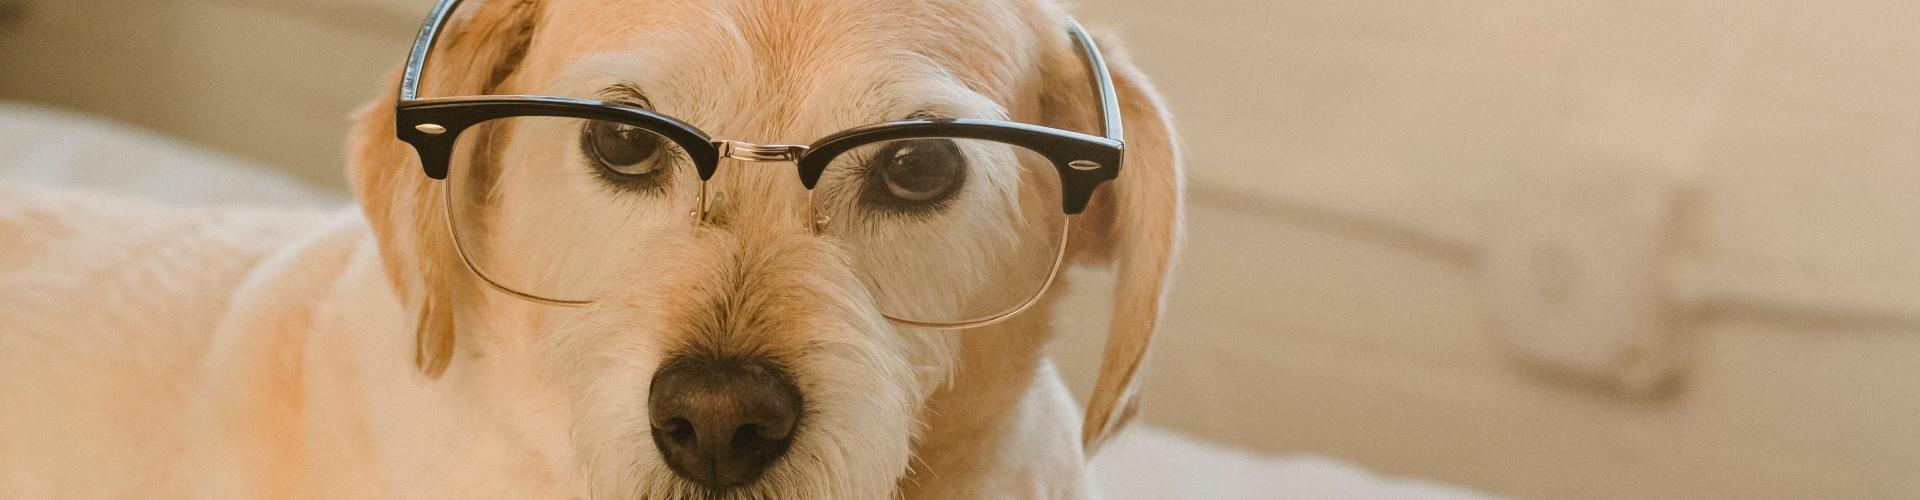 hond met boek